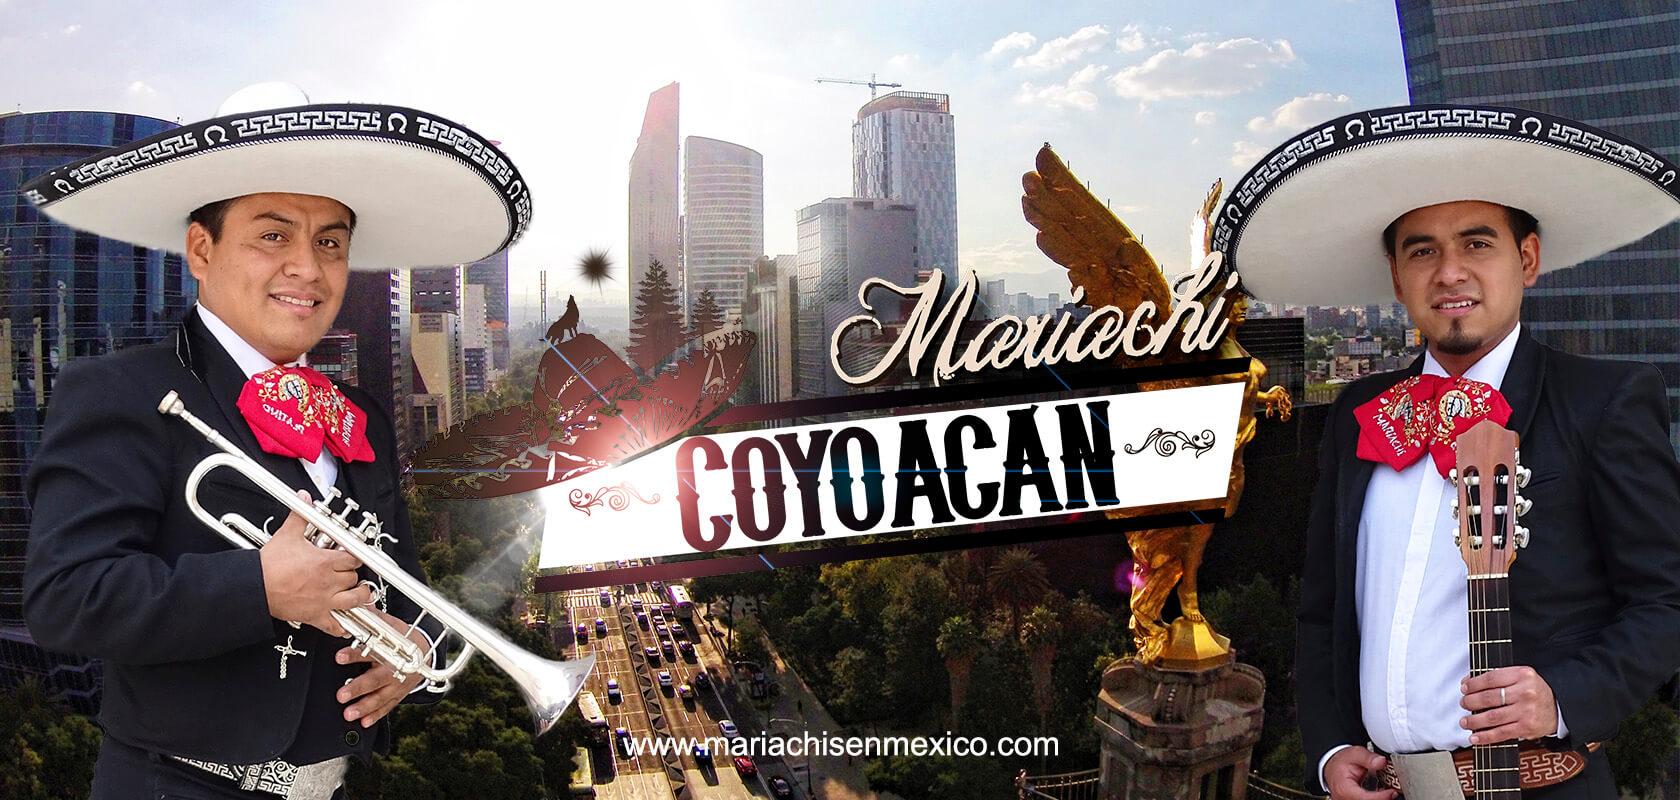 Mariachis en México